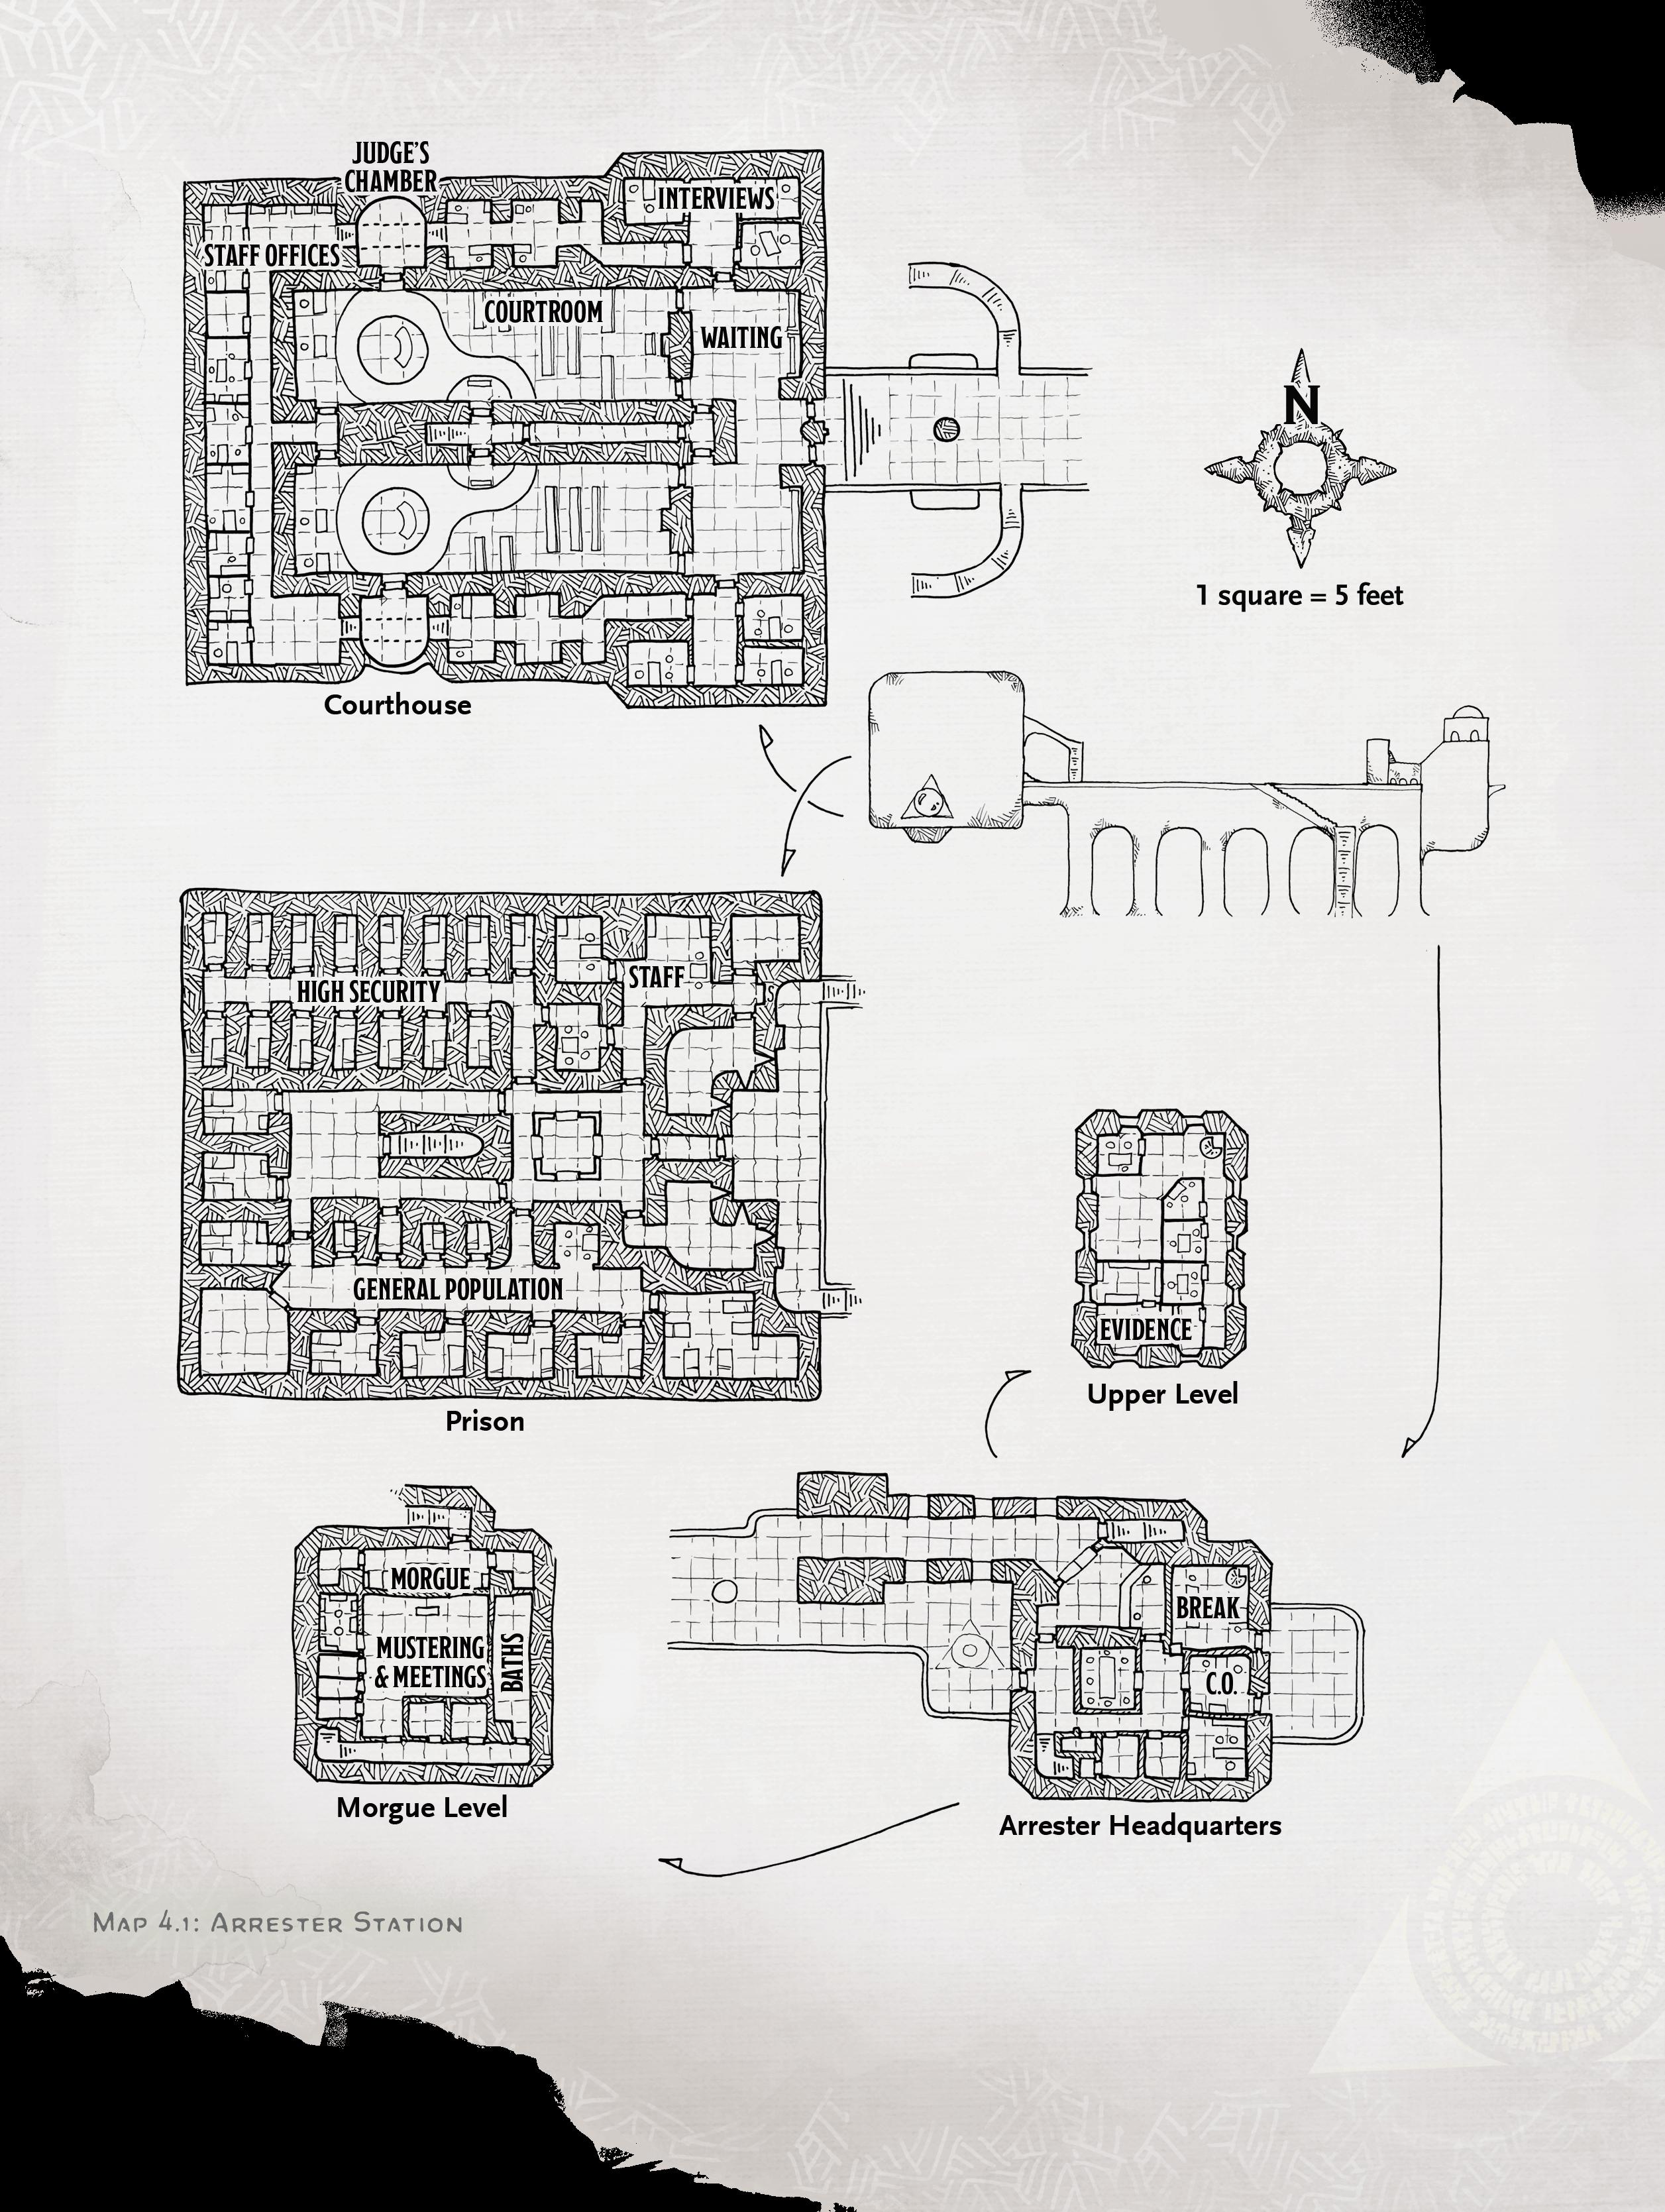 arrester station map